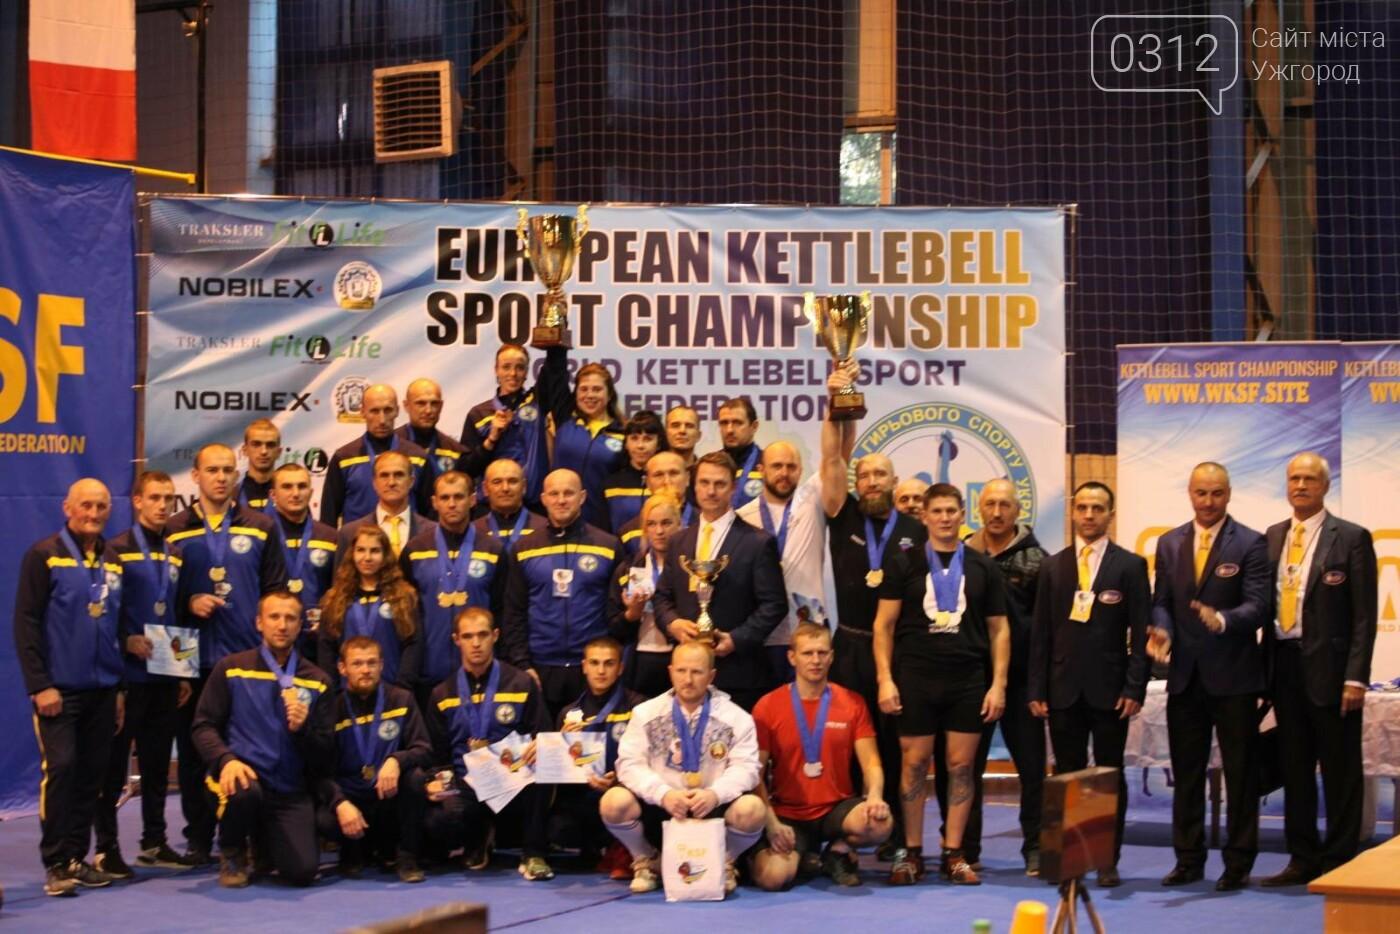 Троє закарпатців вибороли золото на Чемпіонаті Європи з гирьового спорту (ФОТО), фото-1